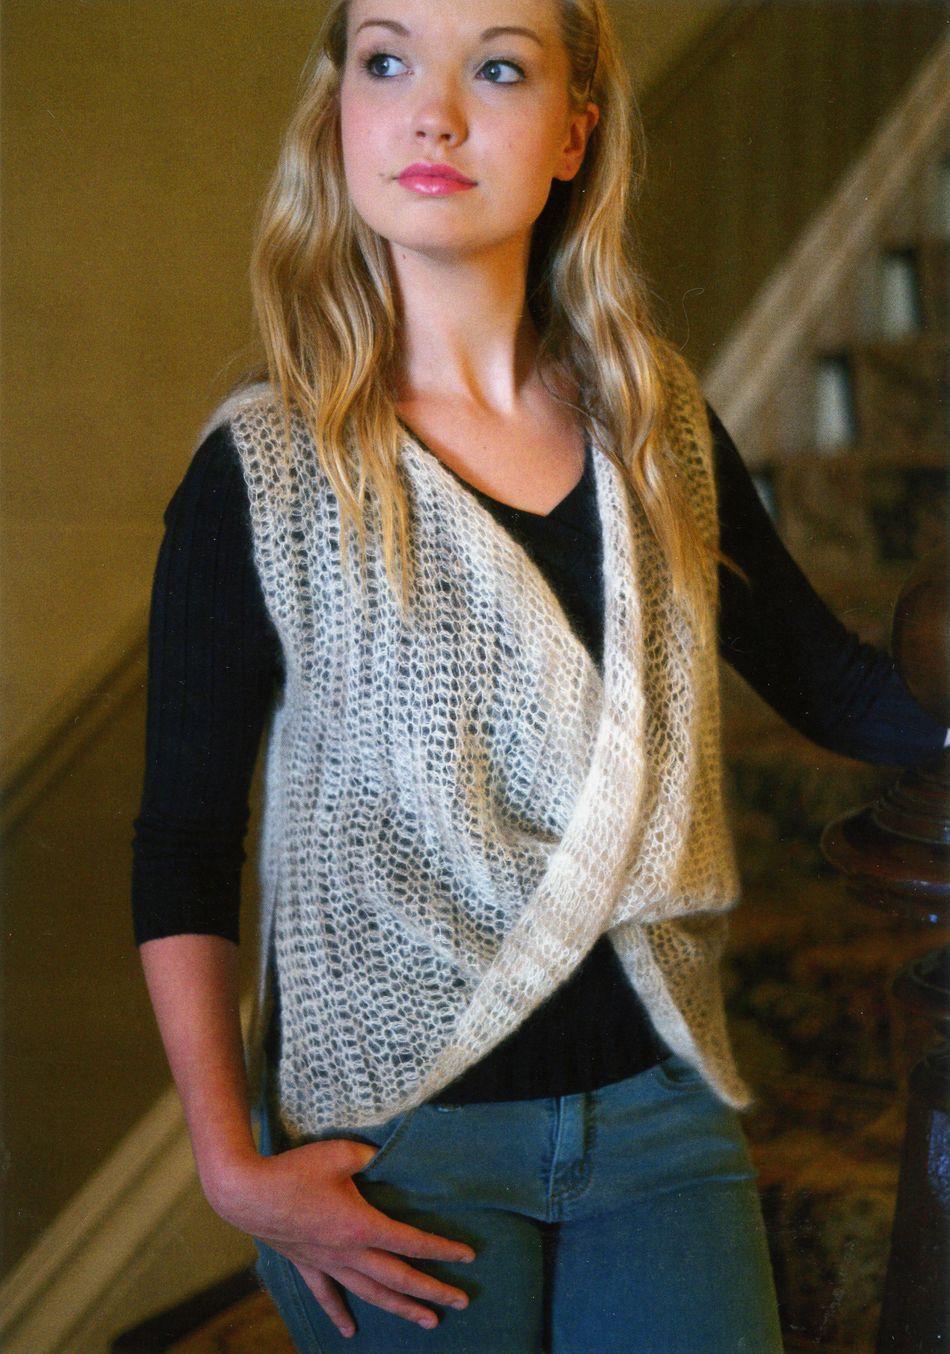 Crochet Moebius-Look Vest, Knitting Pattern - Halcyon Yarn